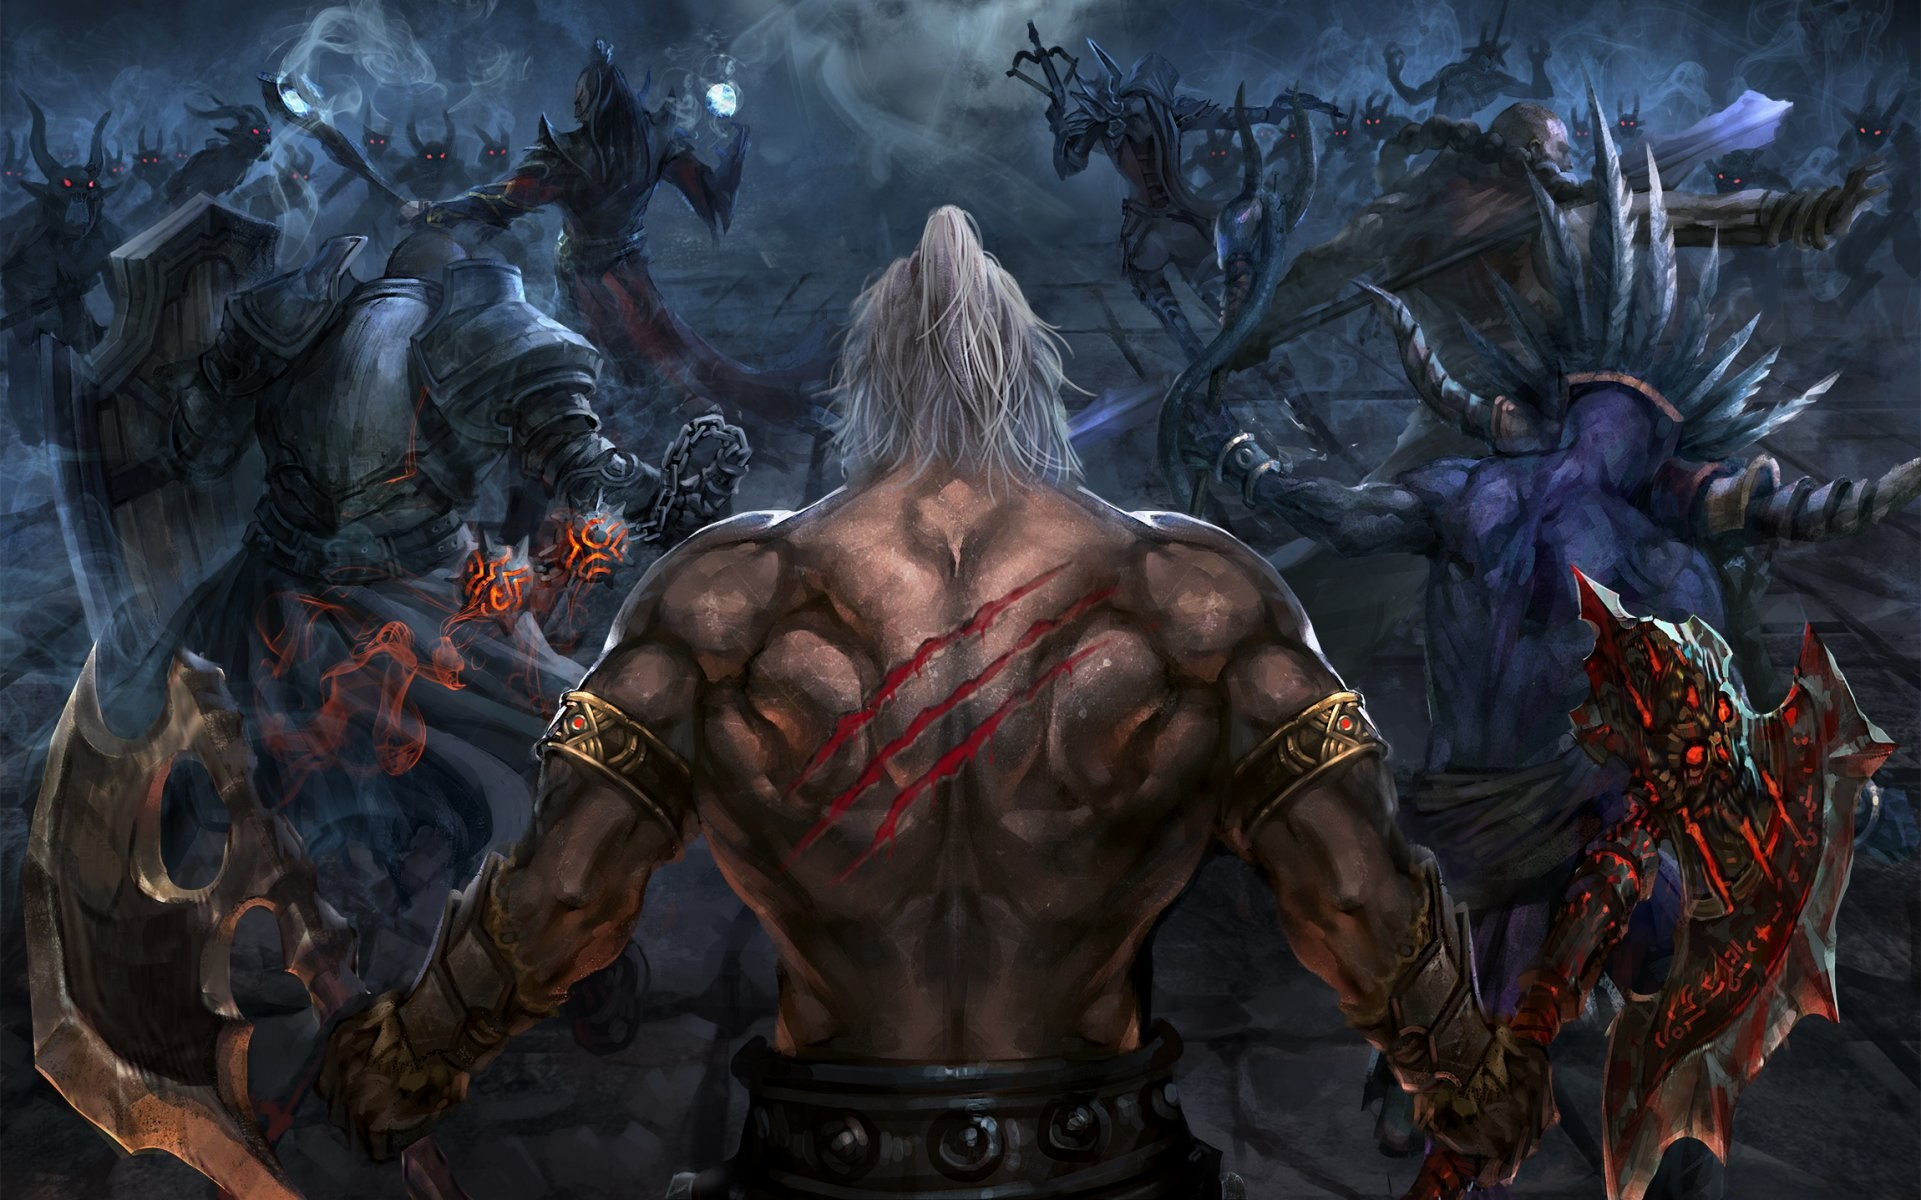 Diablo 3 Barbarian Wallpaper (81+ images)